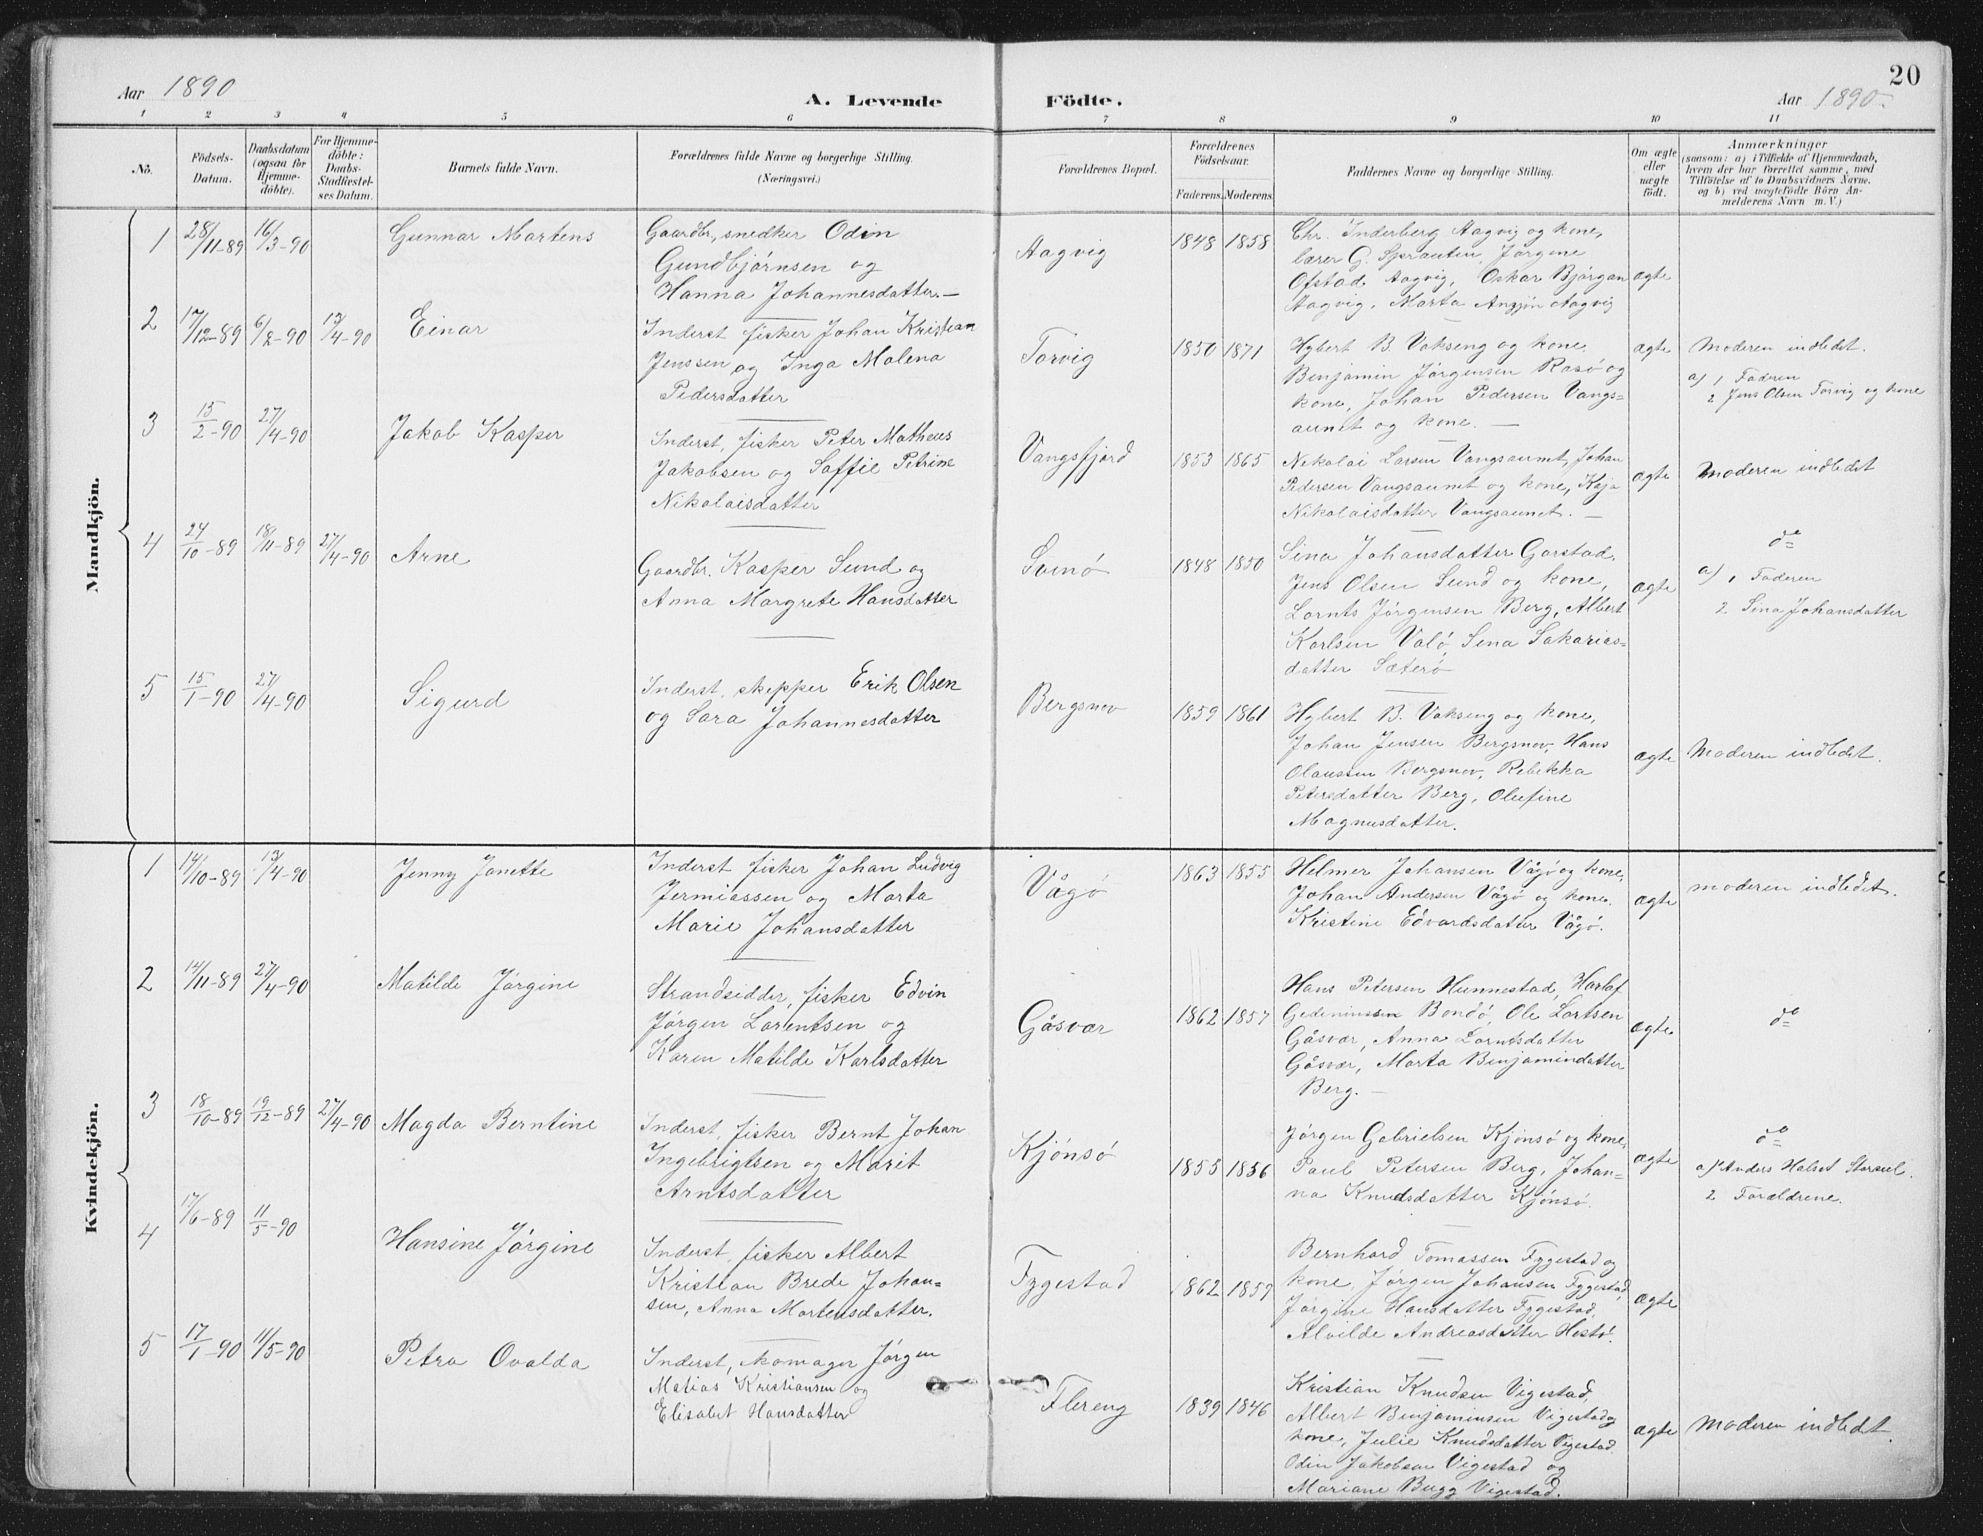 SAT, Ministerialprotokoller, klokkerbøker og fødselsregistre - Nord-Trøndelag, 786/L0687: Ministerialbok nr. 786A03, 1888-1898, s. 20